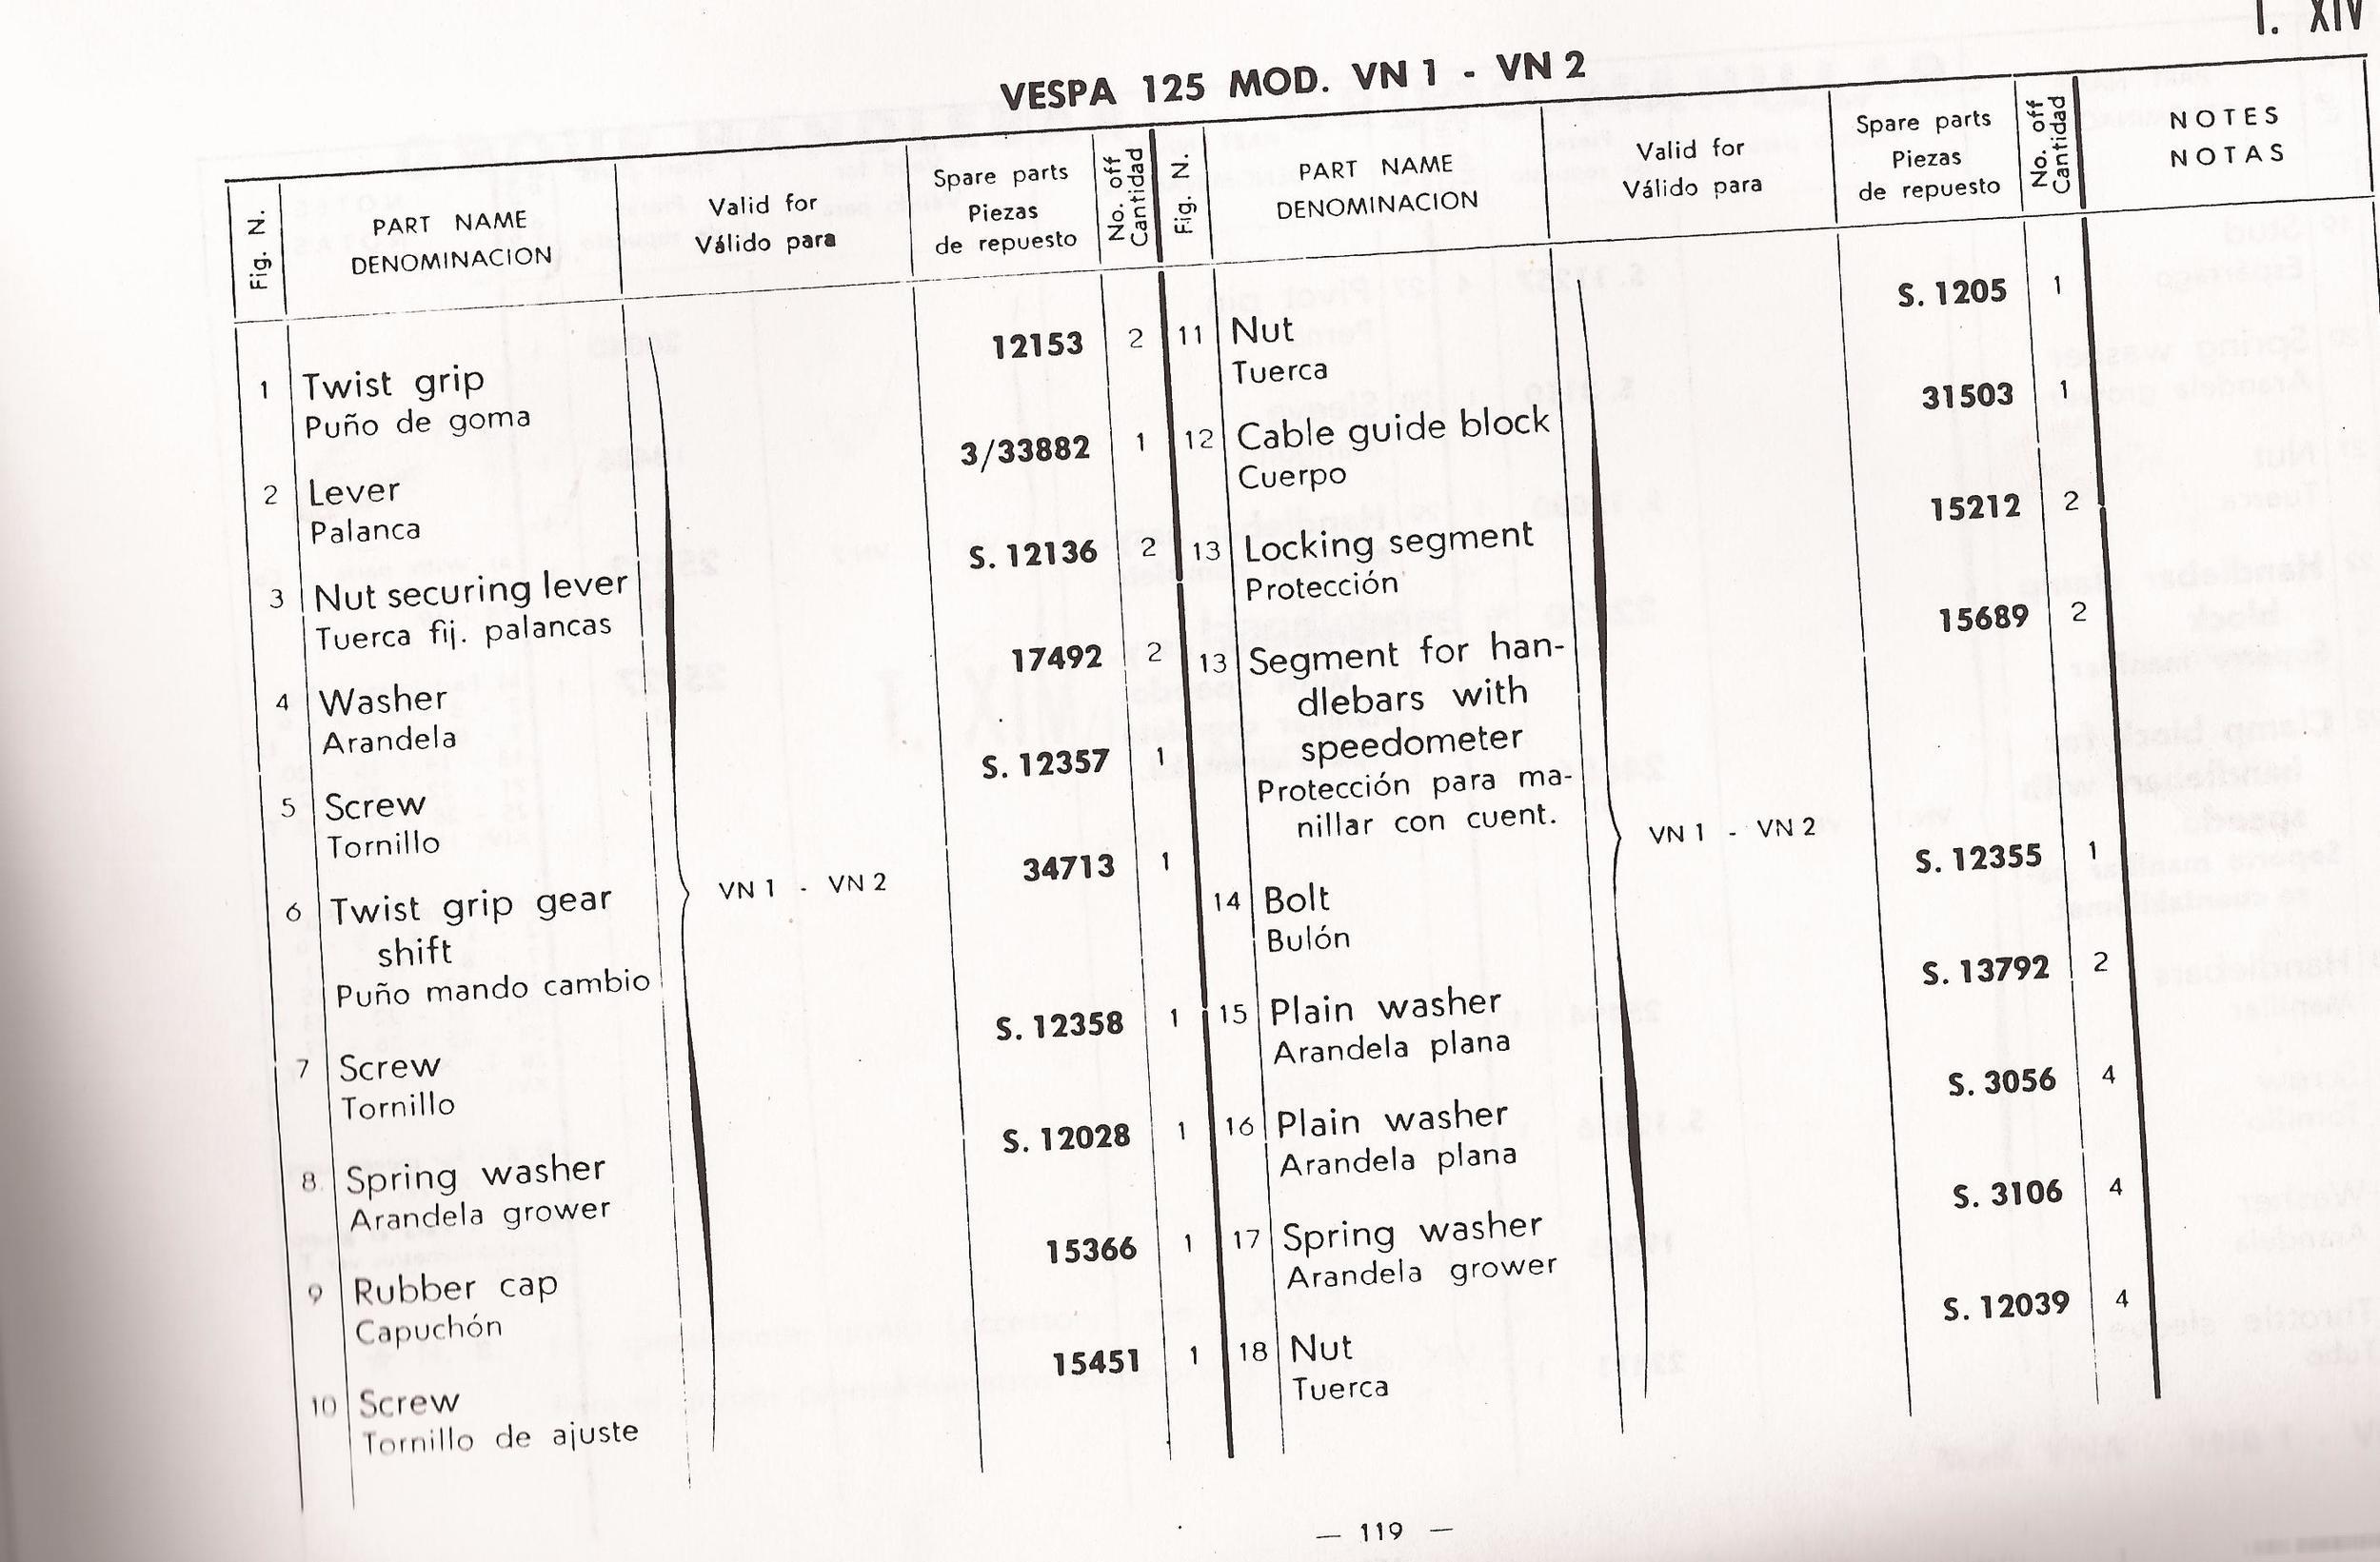 07-16-2013 vespa 125 catalog manuel 128.jpg